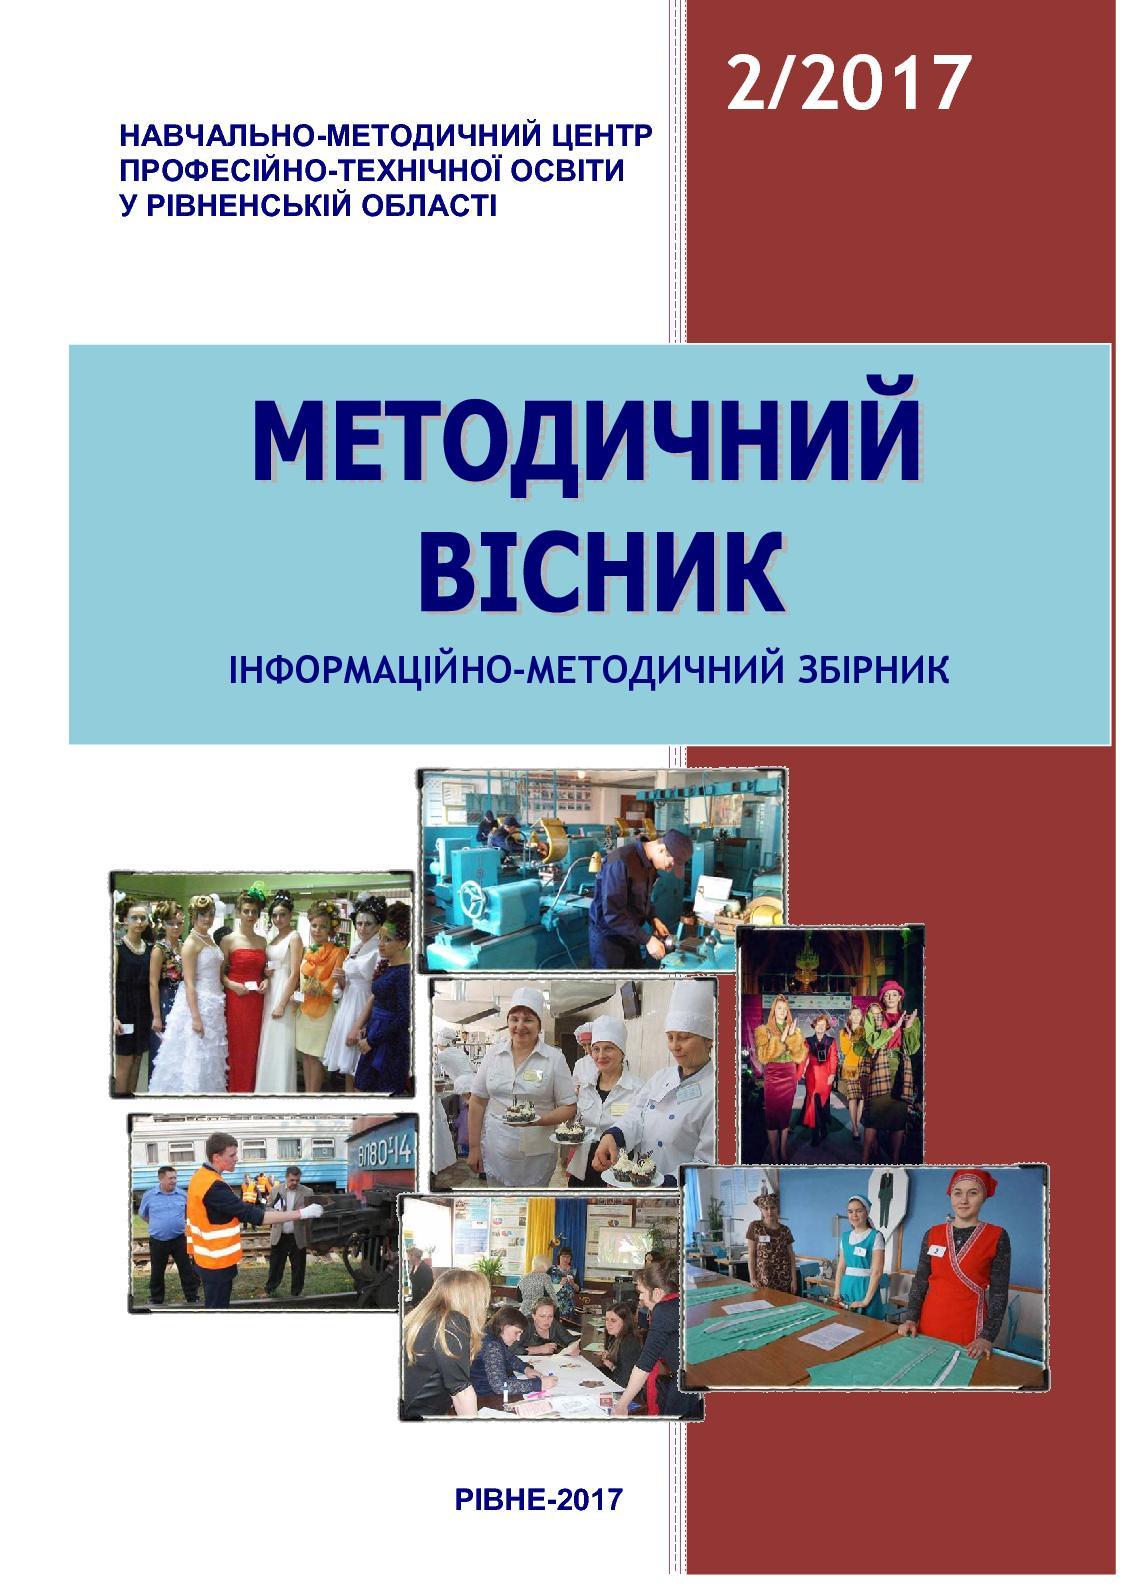 МЕТОДИЧНИЙ ВІСНИК - інформаційно-методичний збірник № 2/2017